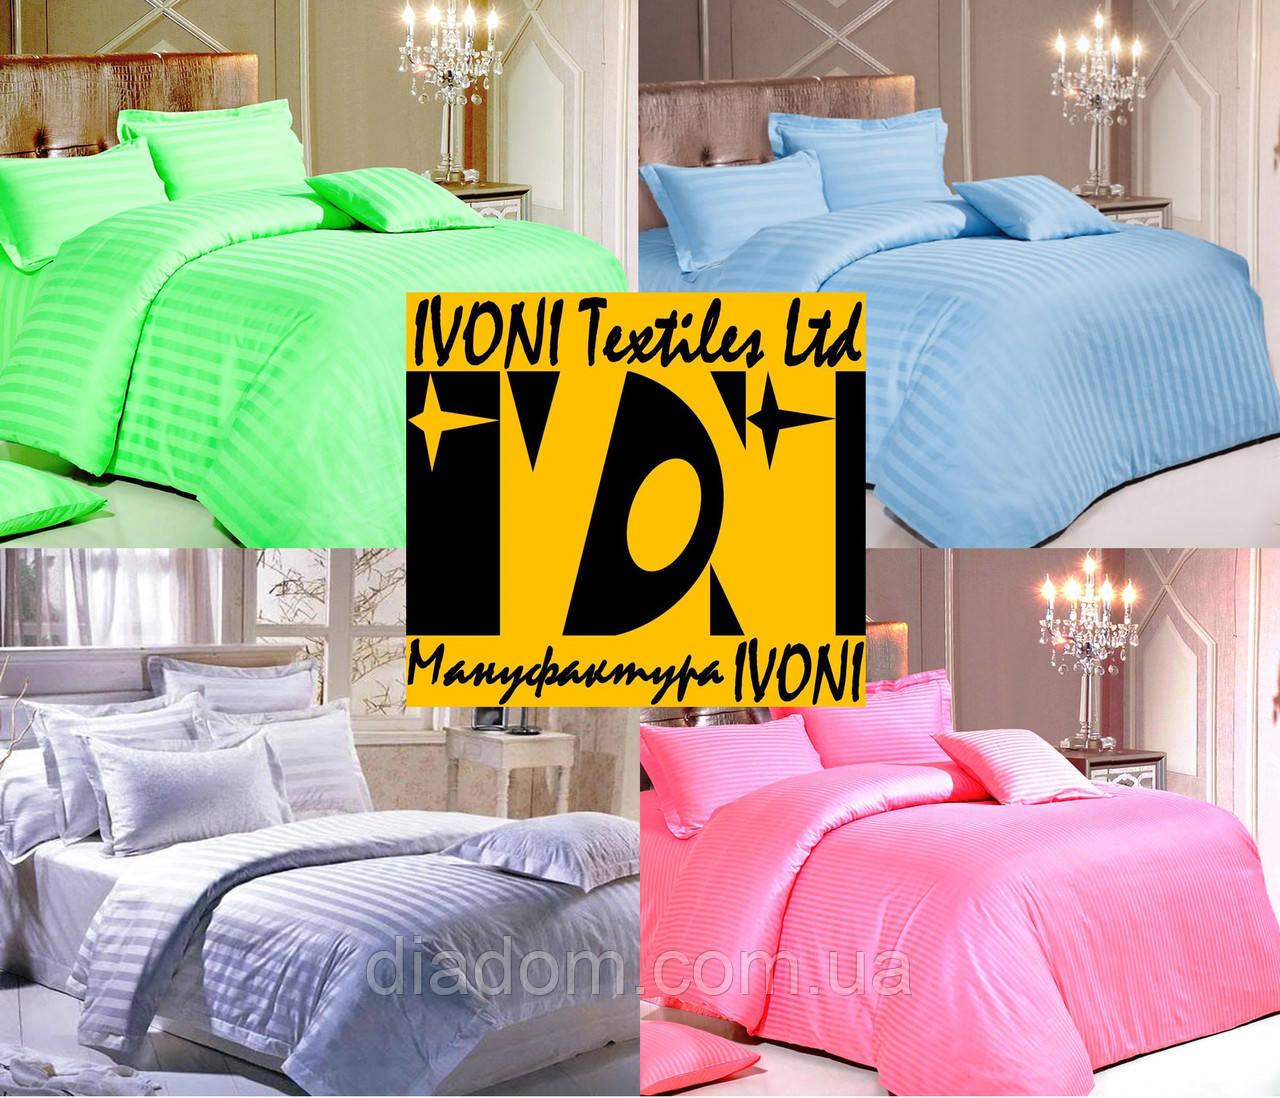 Комплекты Евро 2-спальные от IVONI постельного белья из сатина и страйп-сатина серии ELITE. Хлопок 100%